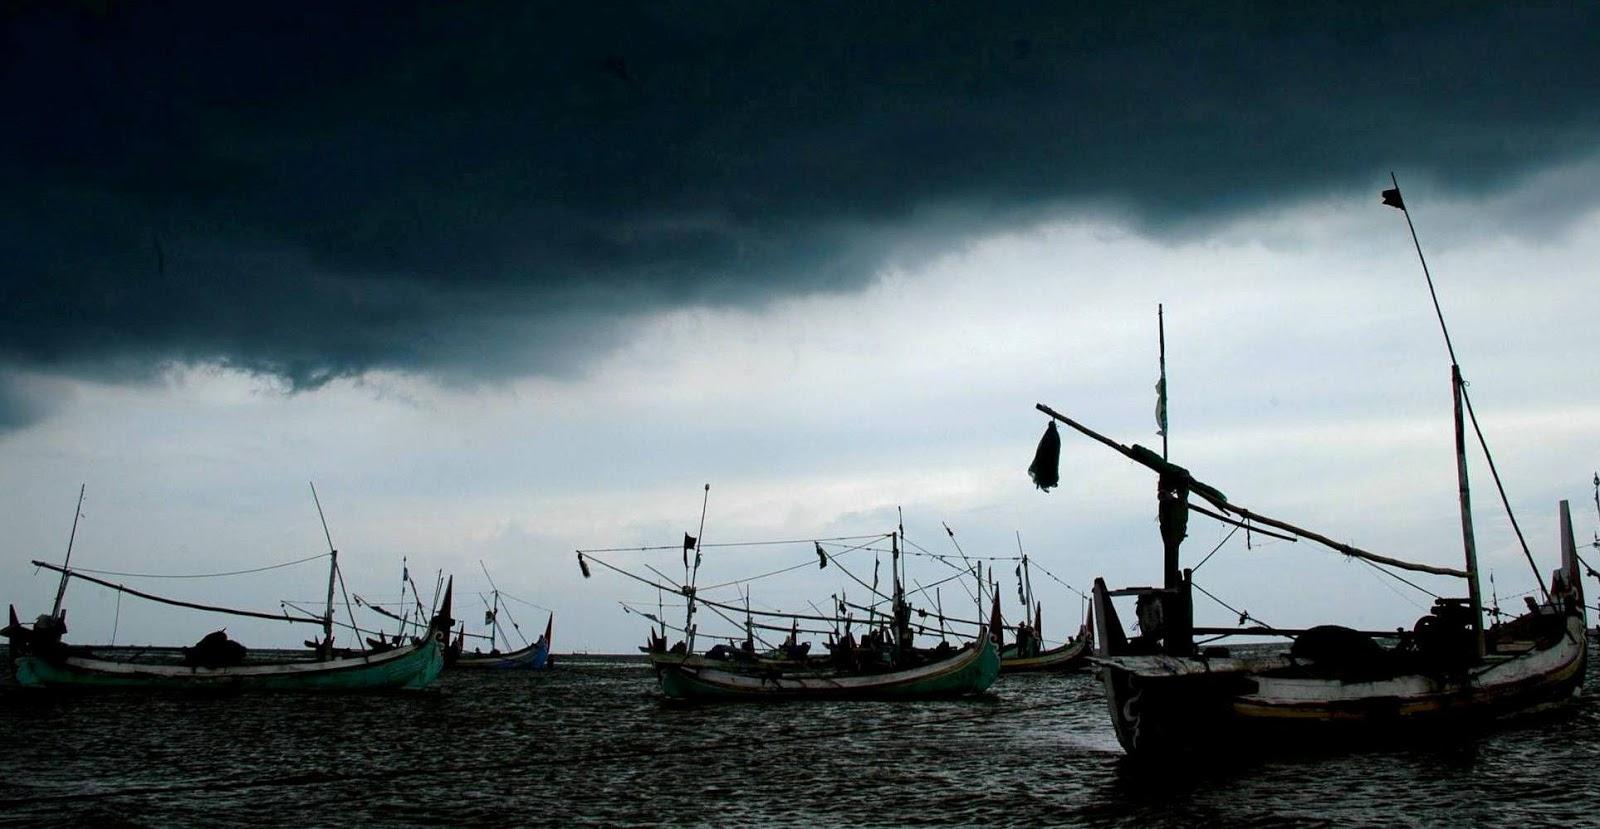 BMKG Memperkirakan Cuaca Buruk Sampai Februari 2013